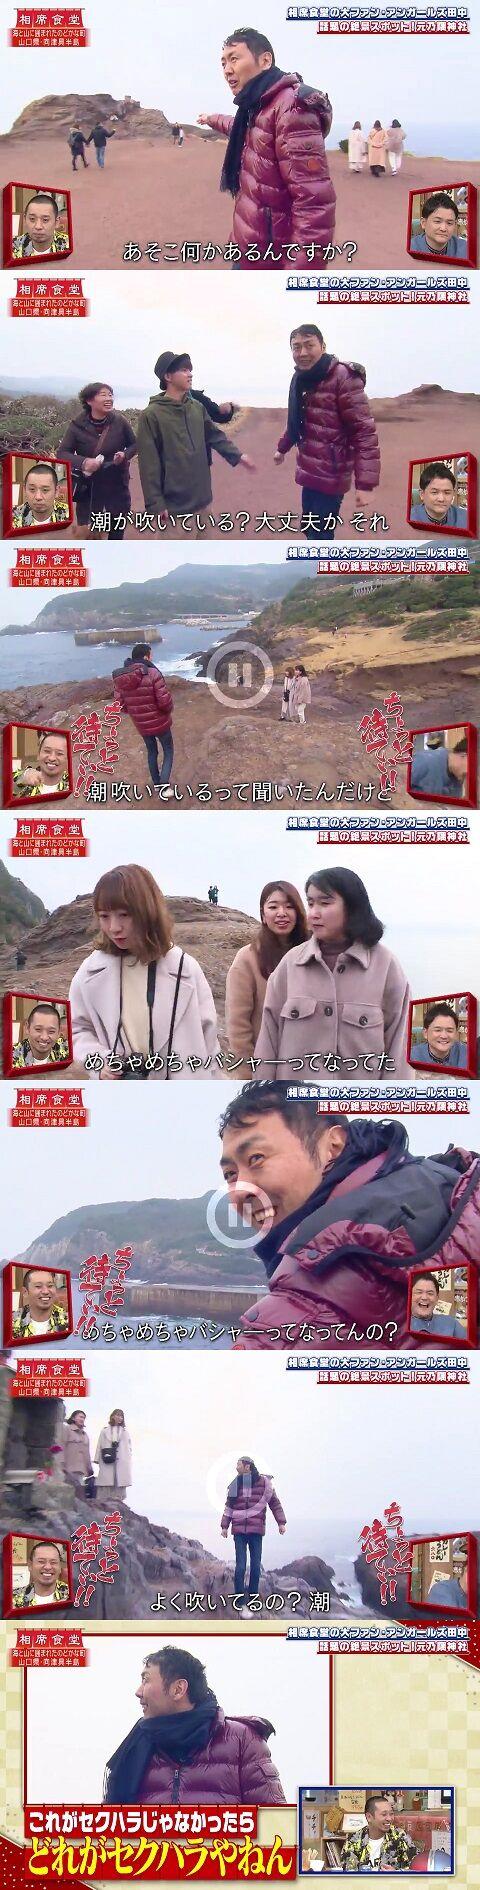 アンガールズ 田中 食堂 相席 相席食堂 過去の放送内容 朝日放送テレビ